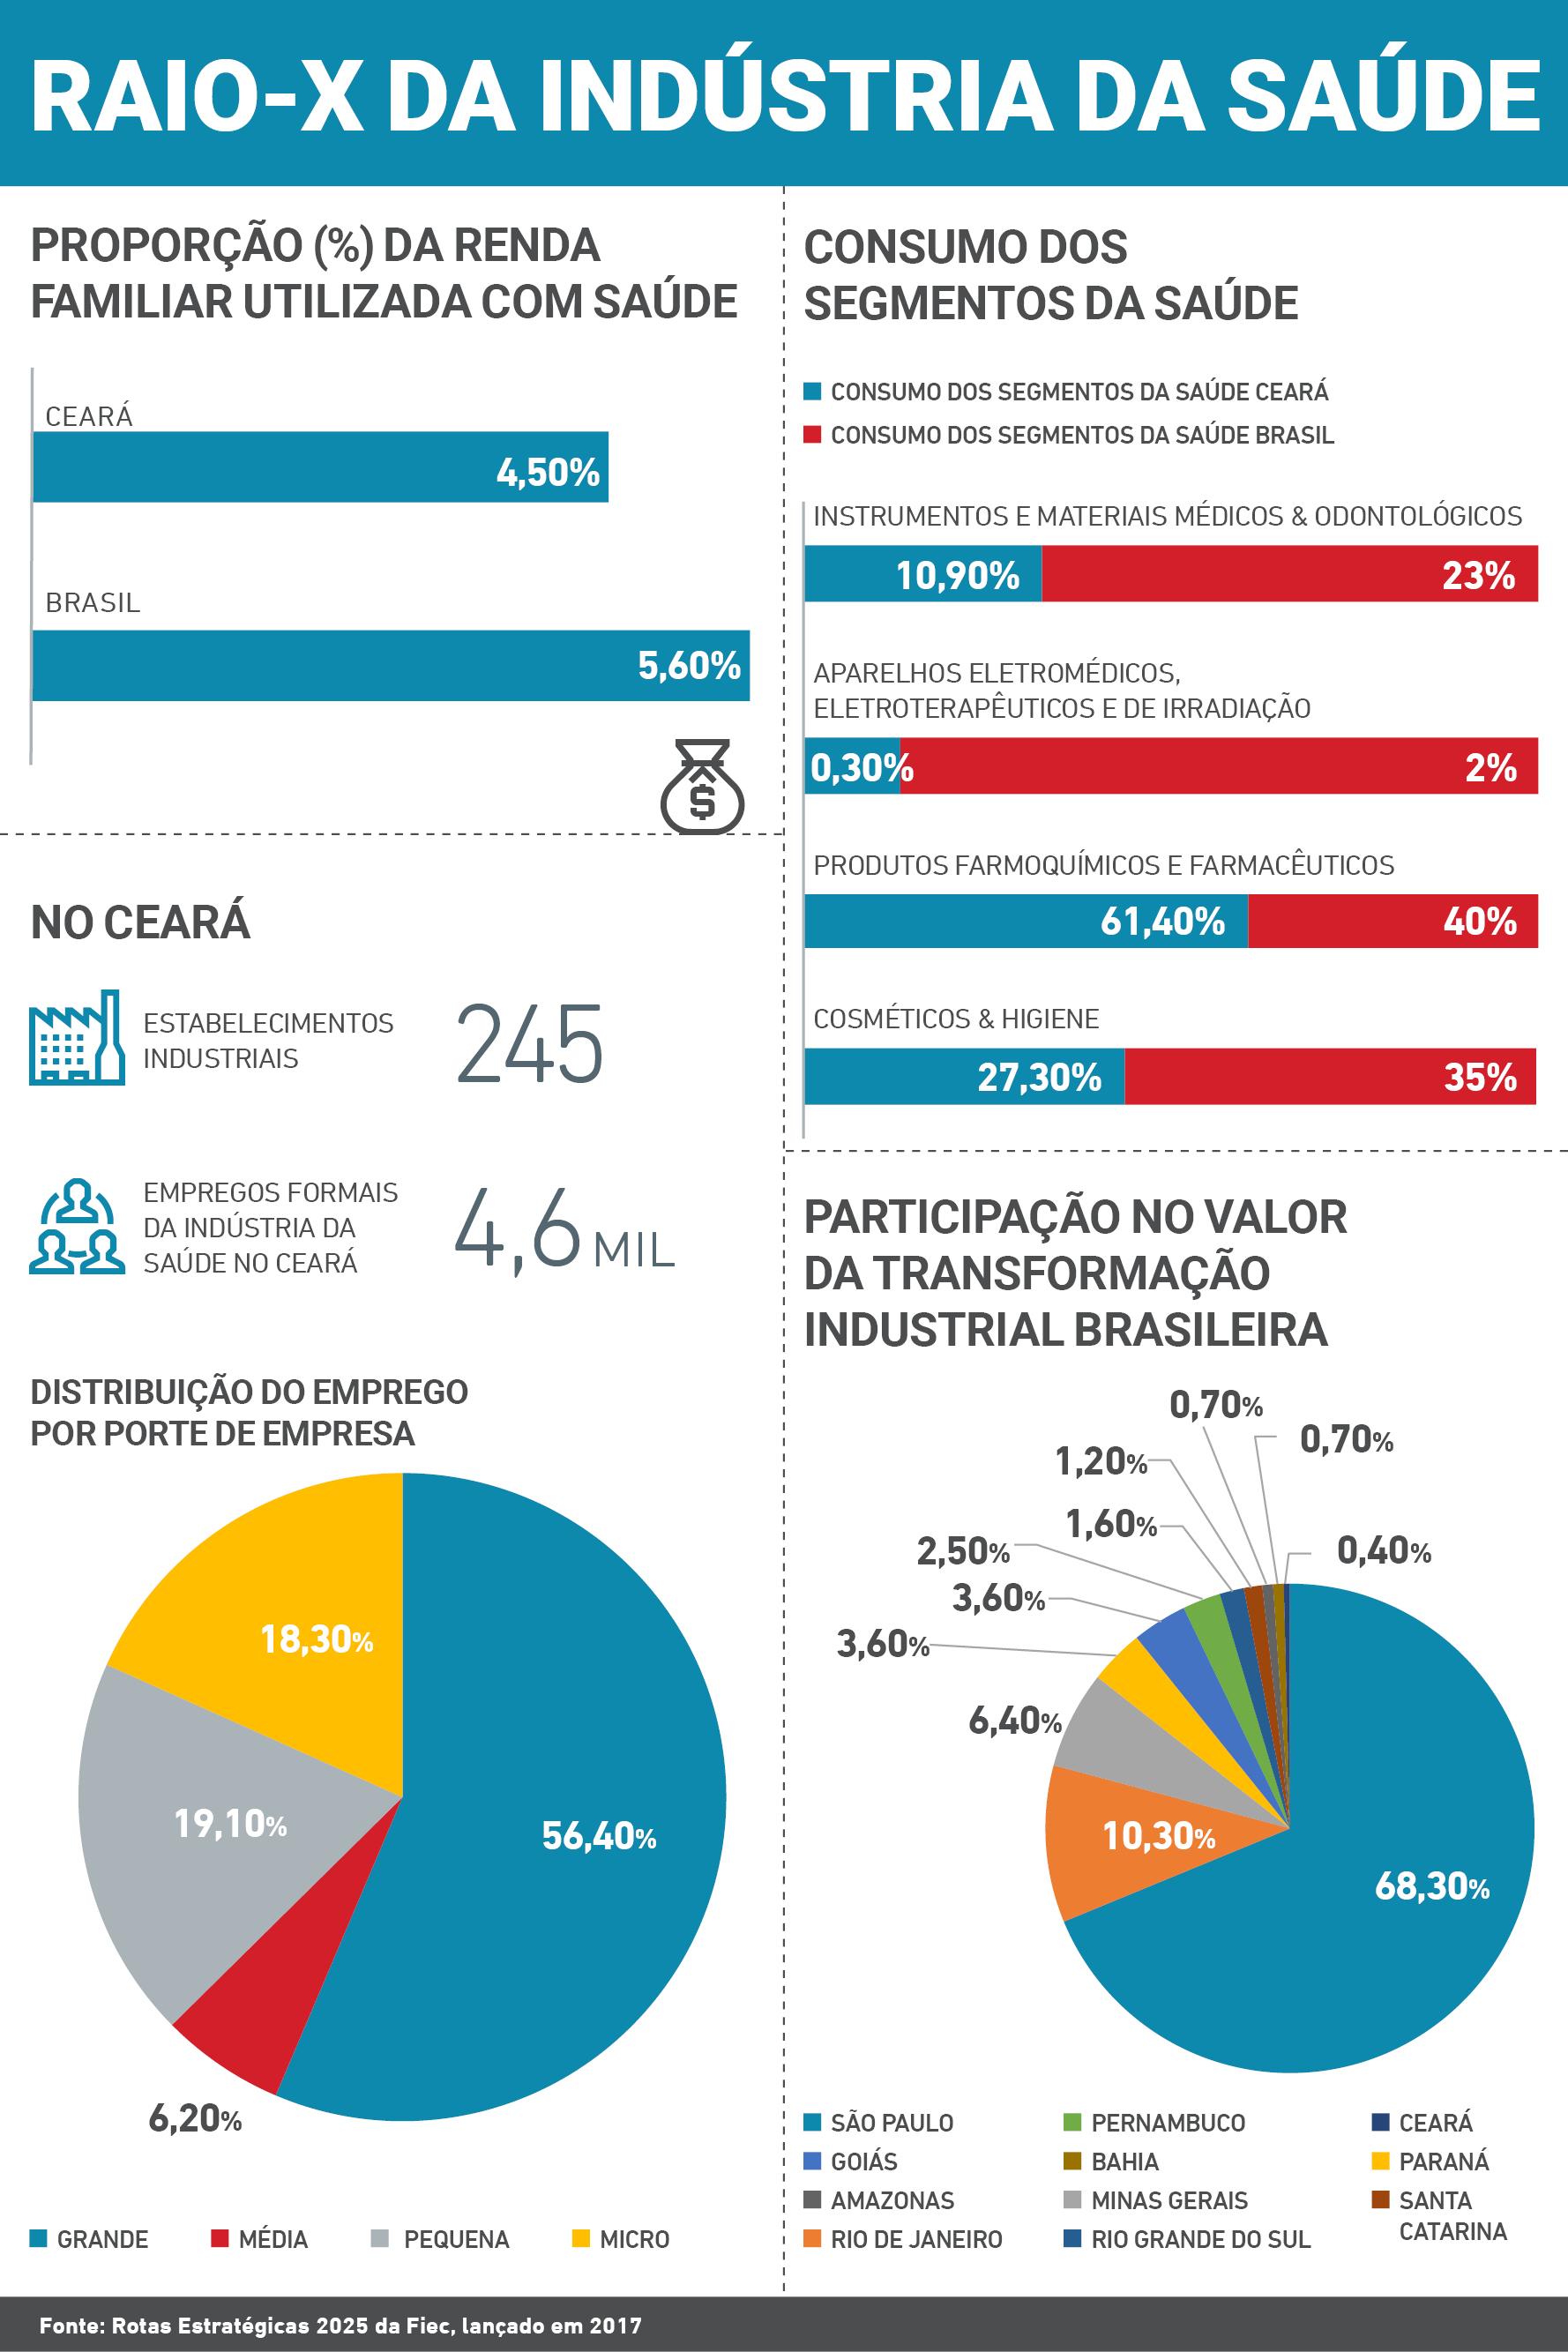 Infográfico - Raio-x da Indústria da Saúde